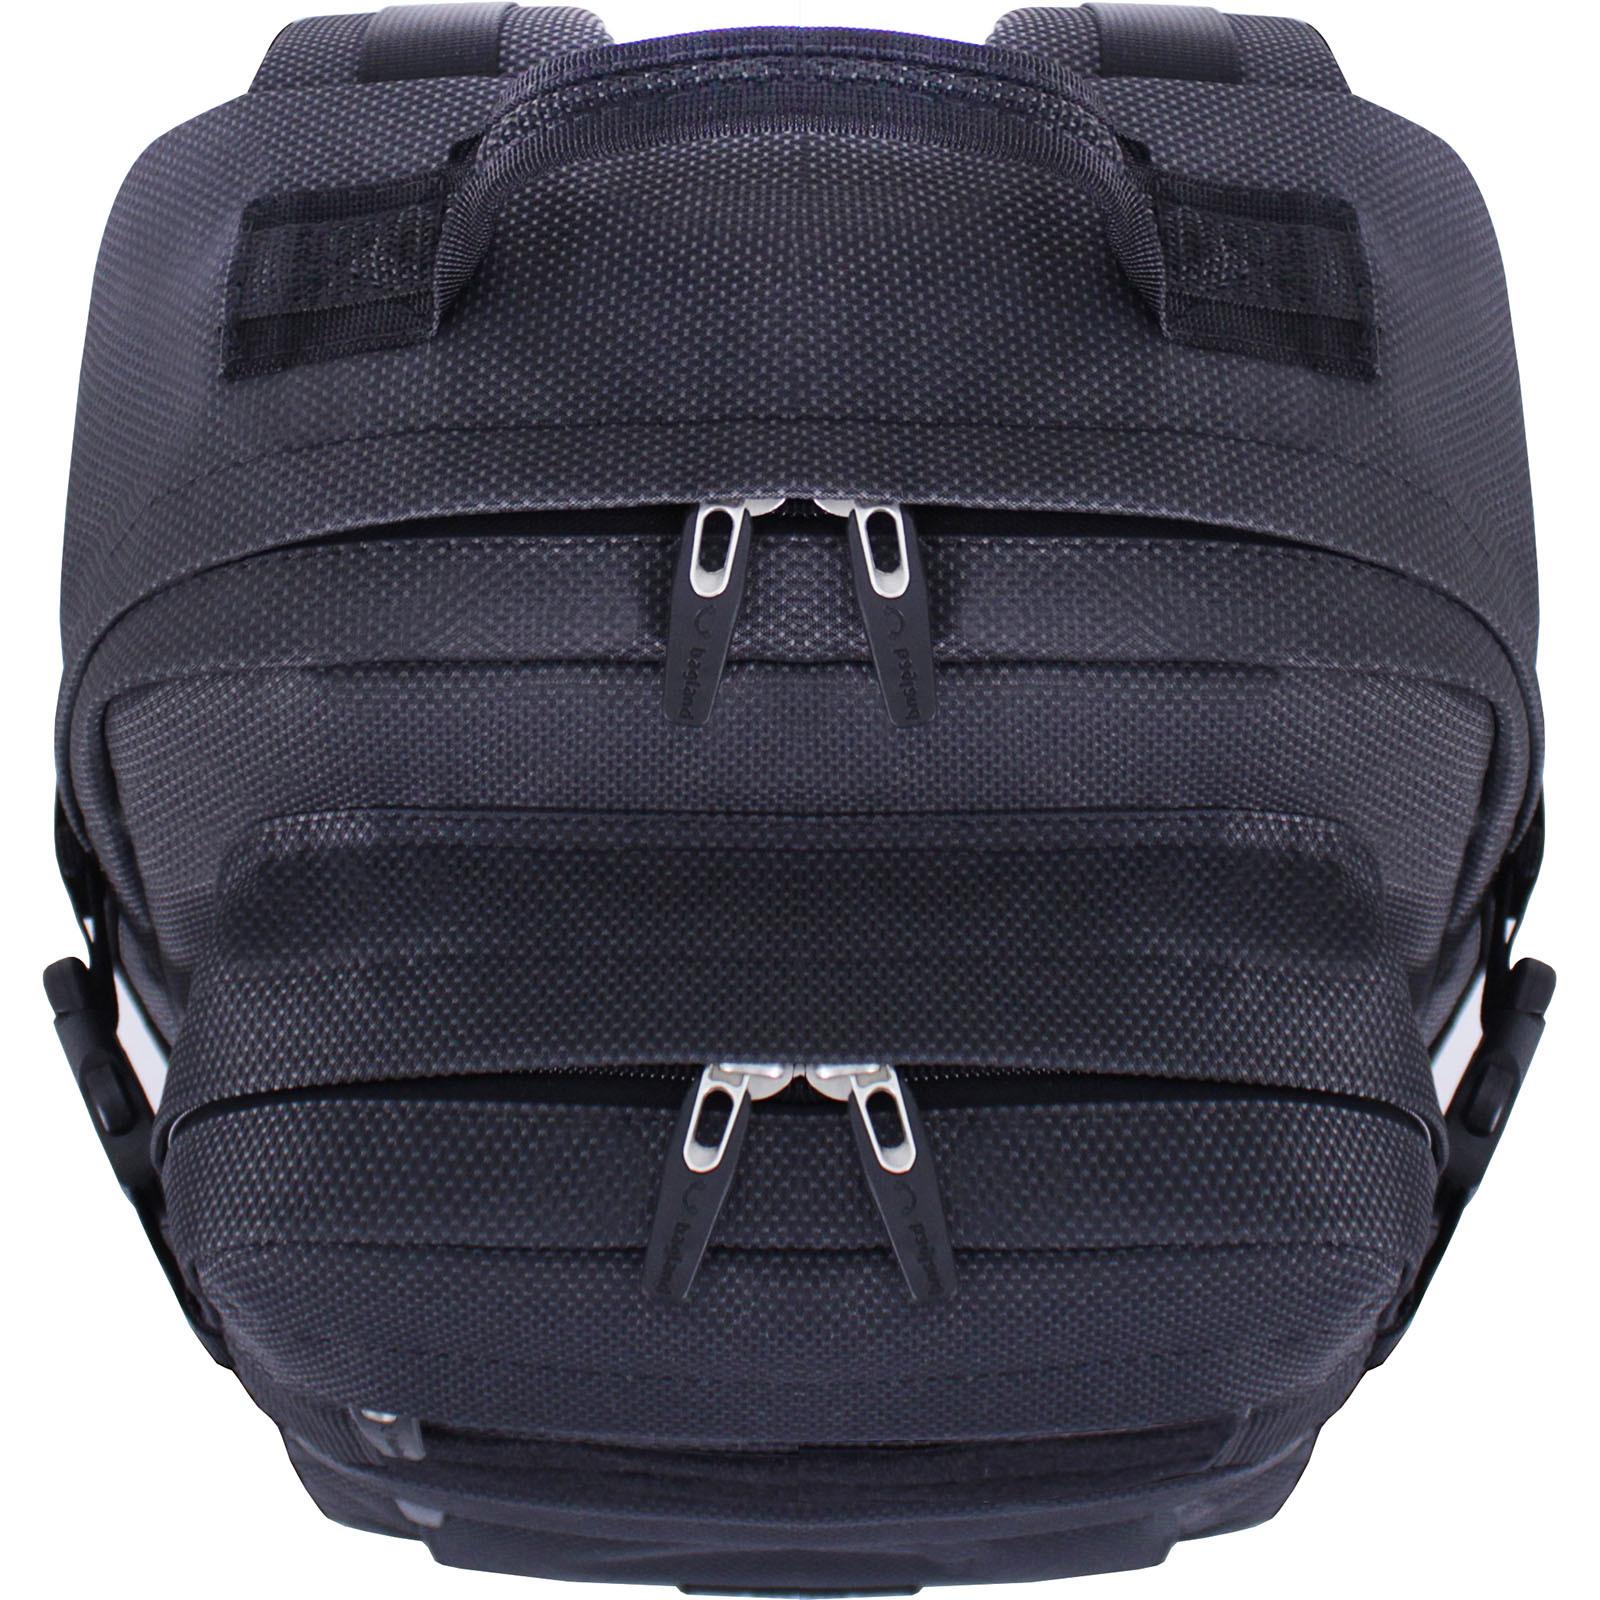 Рюкзак для ноутбука Bagland Jasper 19 л. Чёрный (00155169) фото 6